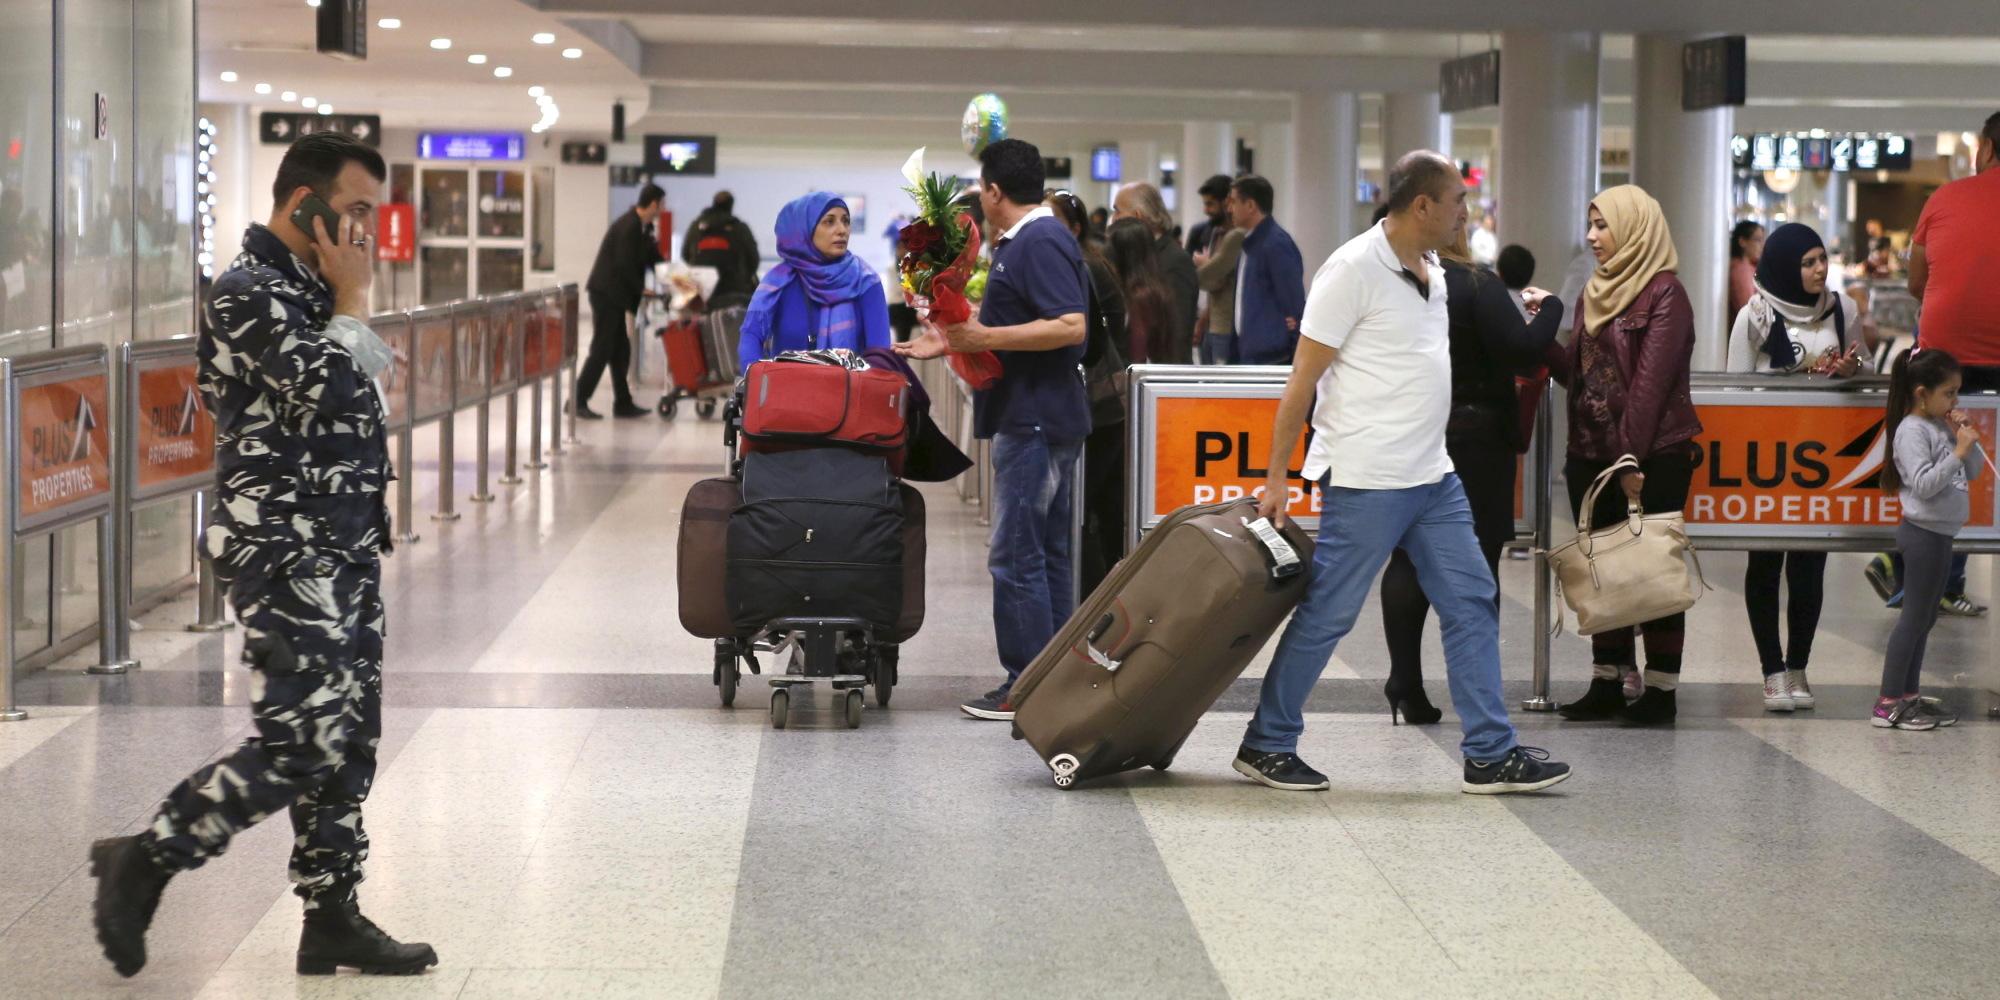 إشكال بالمطار بين عناصر من الجيش وآخرين من قوى الأمن عند نقاط تفتيش